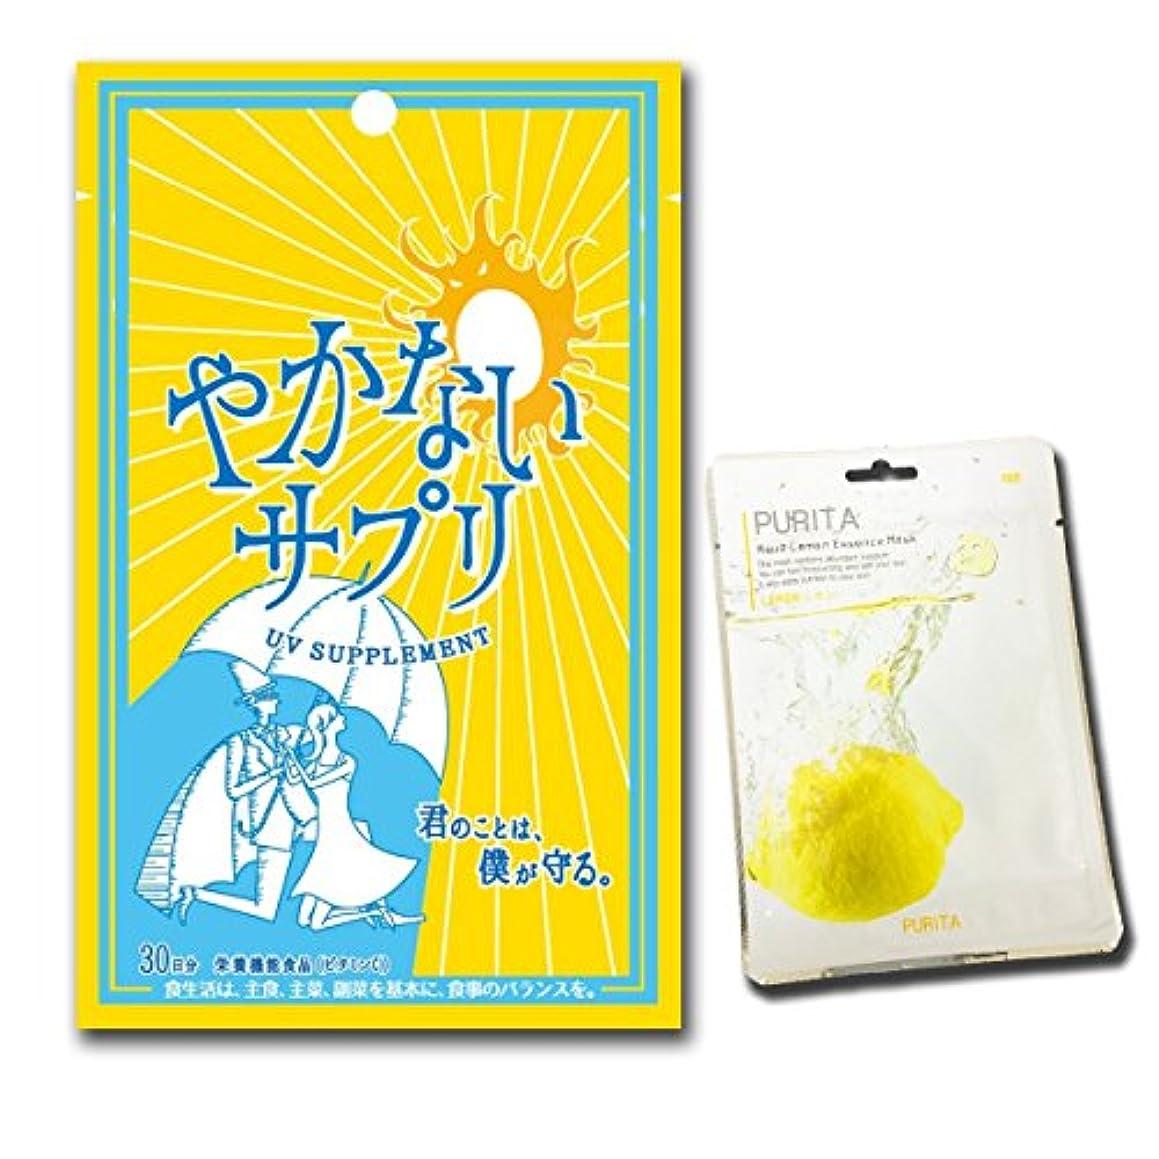 理容師承認するカタログ飲む日焼け止め やかないサプリ 日本製 (30粒/30日分) PURITAフェイスマスク1枚付